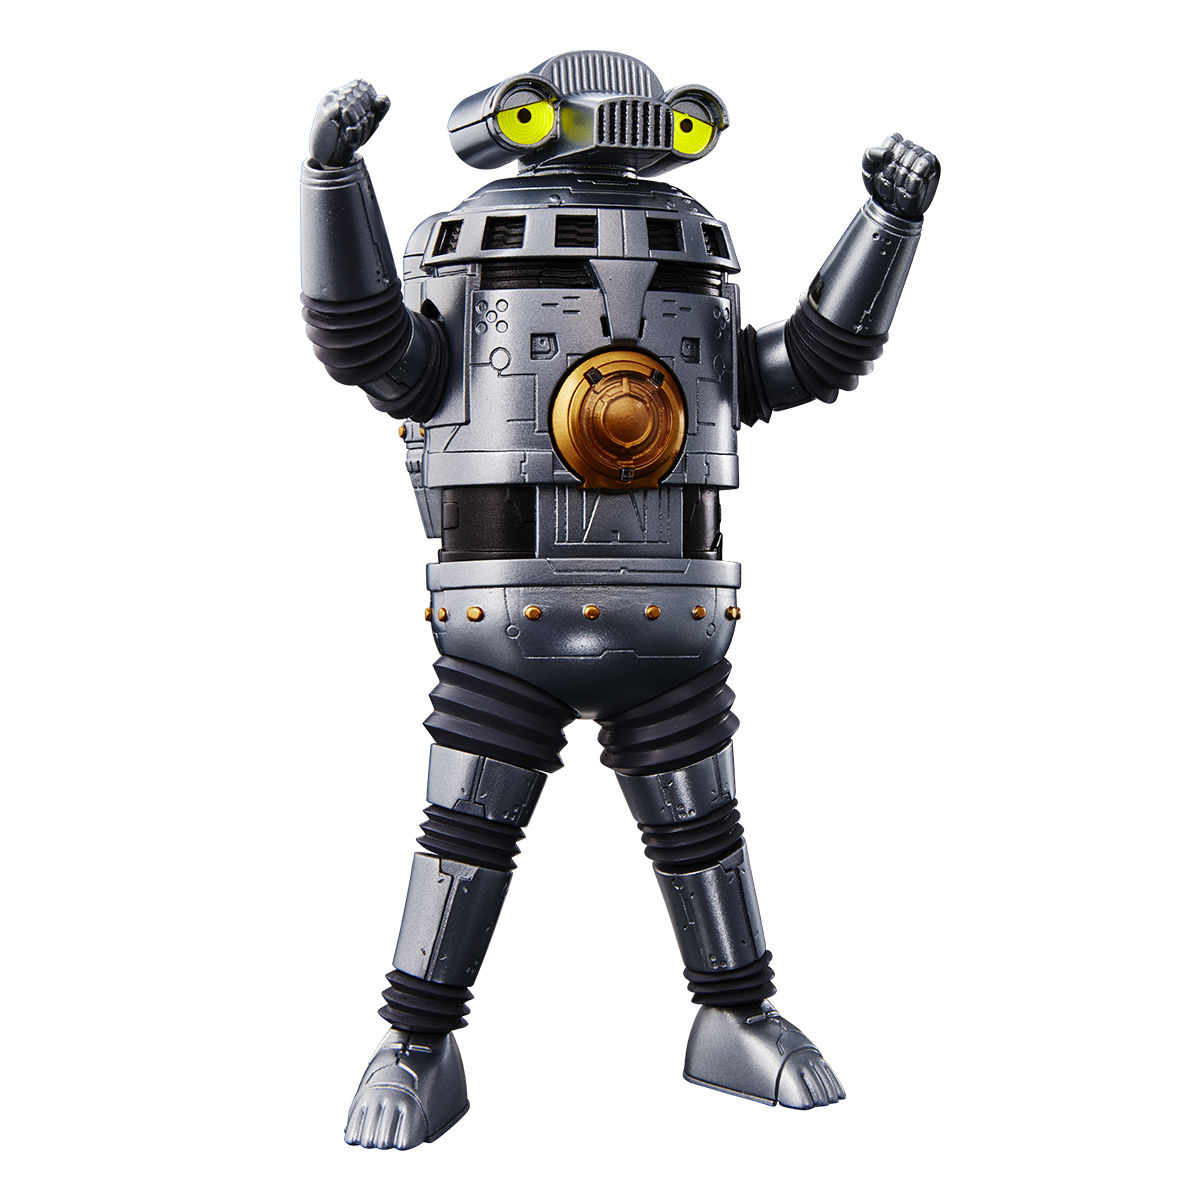 【限定販売】ウルトラマンZ『光る!鳴る! 特空機1号 セブンガー』可動フィギュア-008